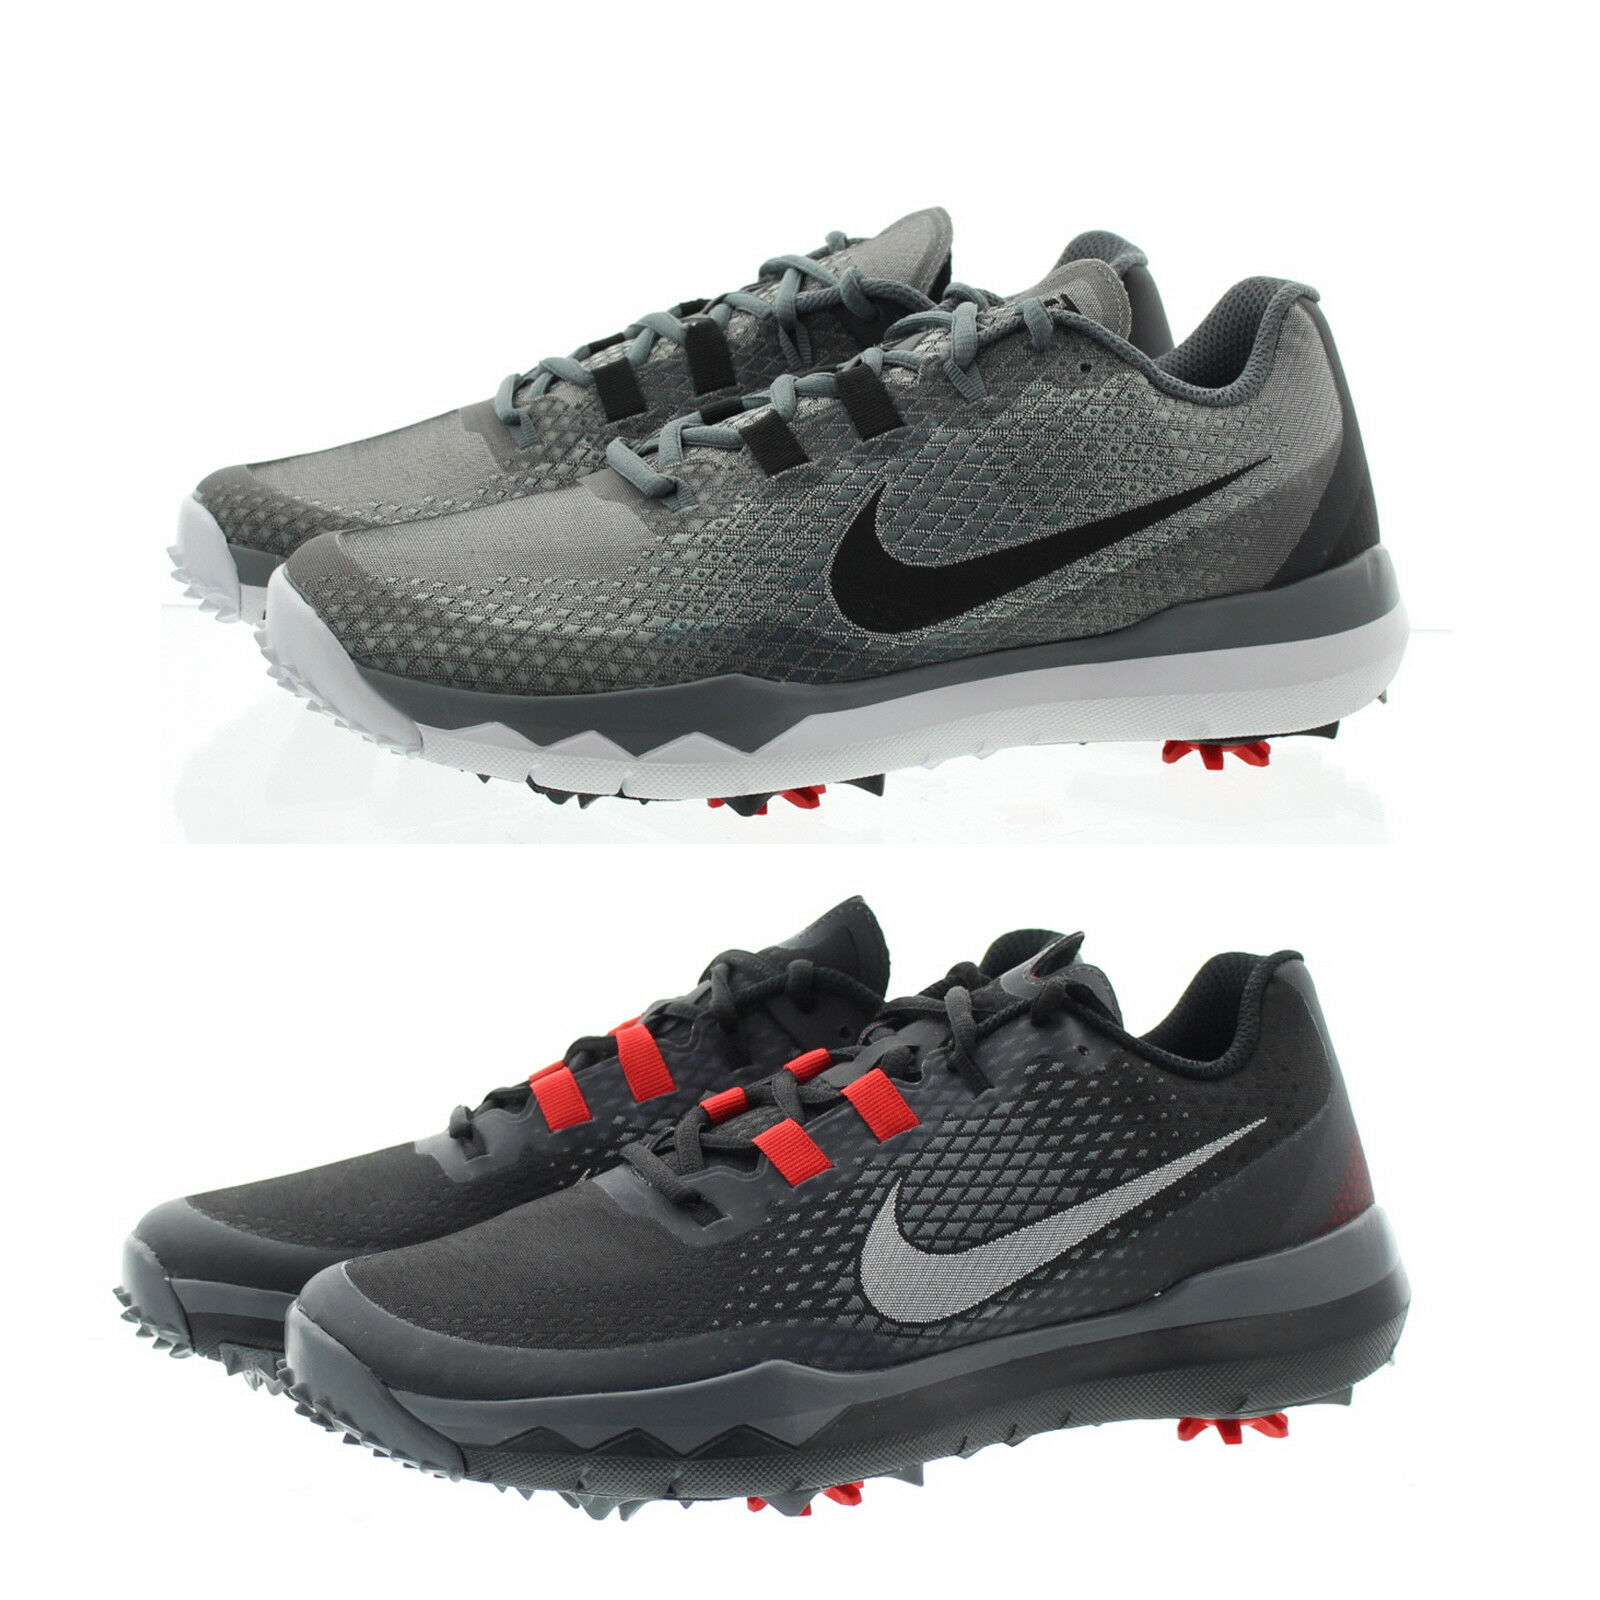 Nike TW 2015  15 Tiger Woods Men s Golf Shoes Black - Pick Size 7 Medium  for sale online  0ea5c35537f4